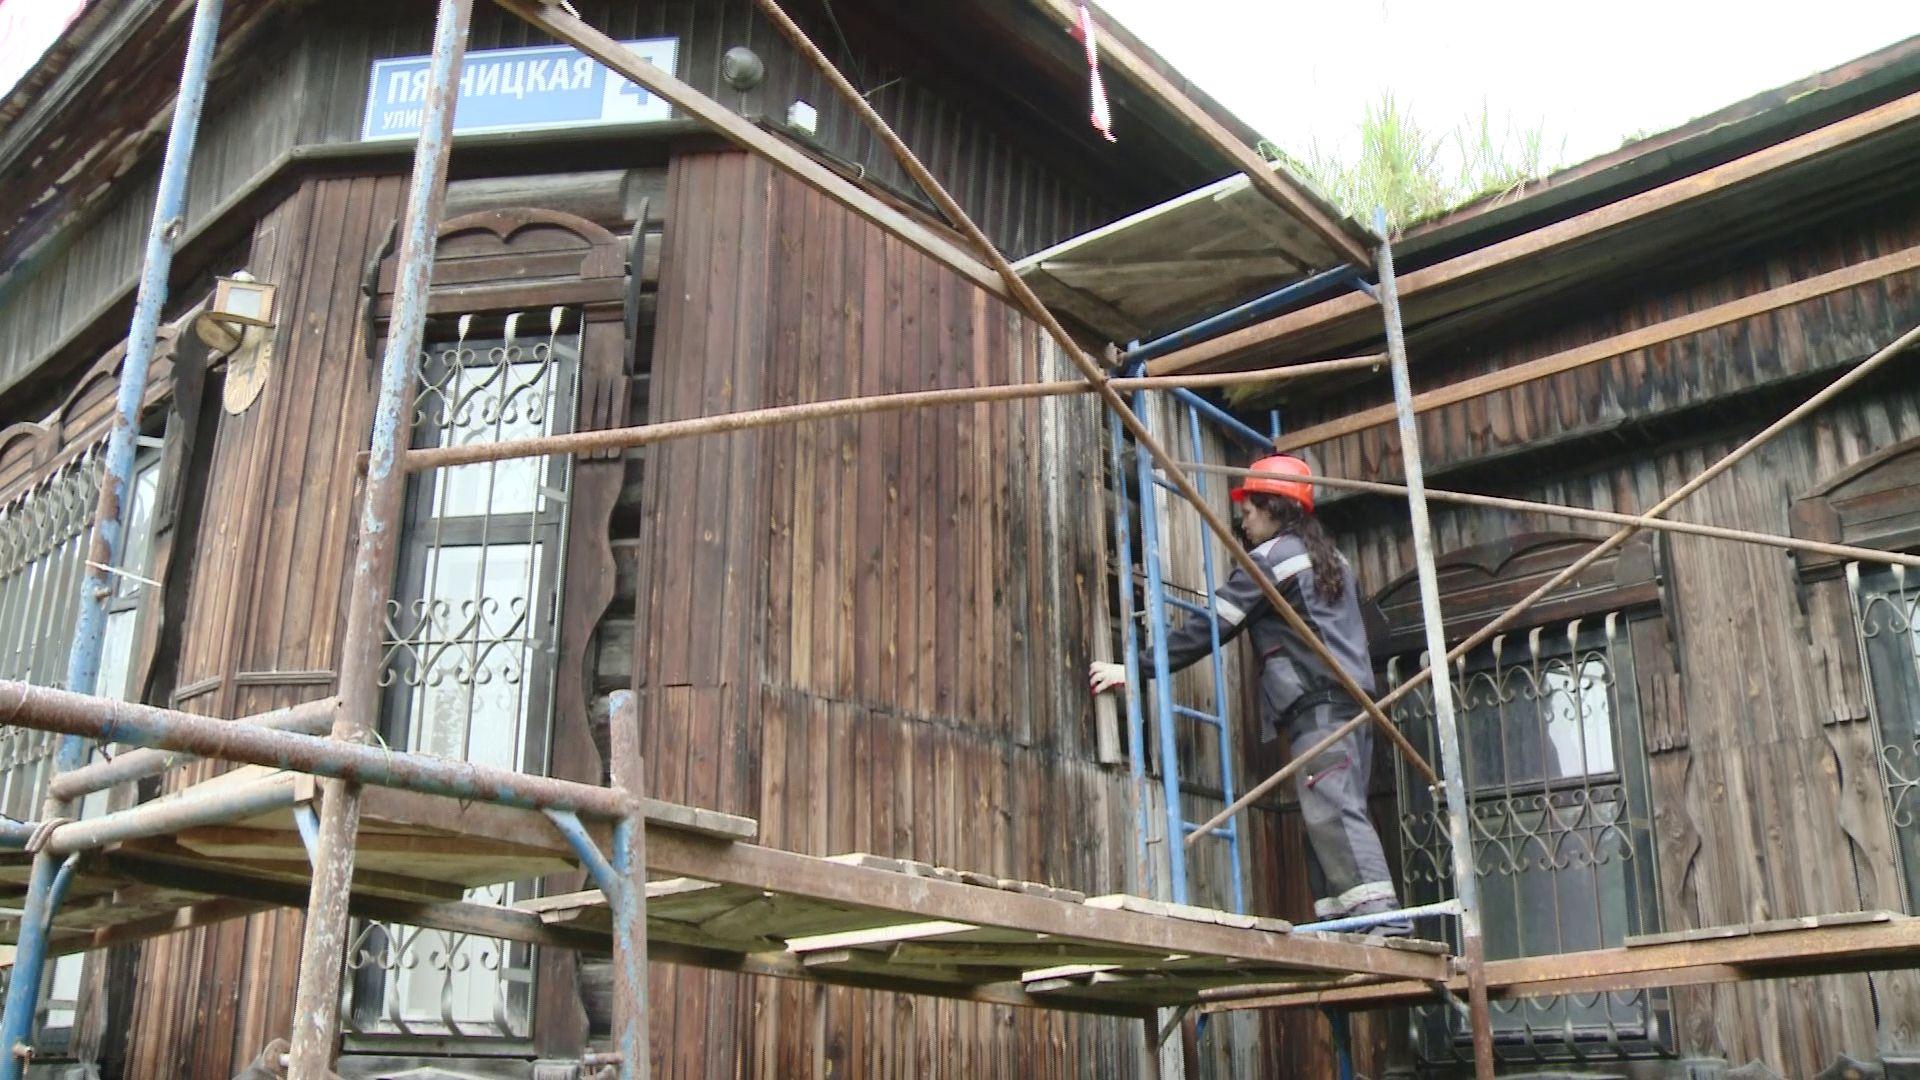 Энтузиасты проекта «Том Сойер Фест» начали реставрацию дома на Пятницкой улице